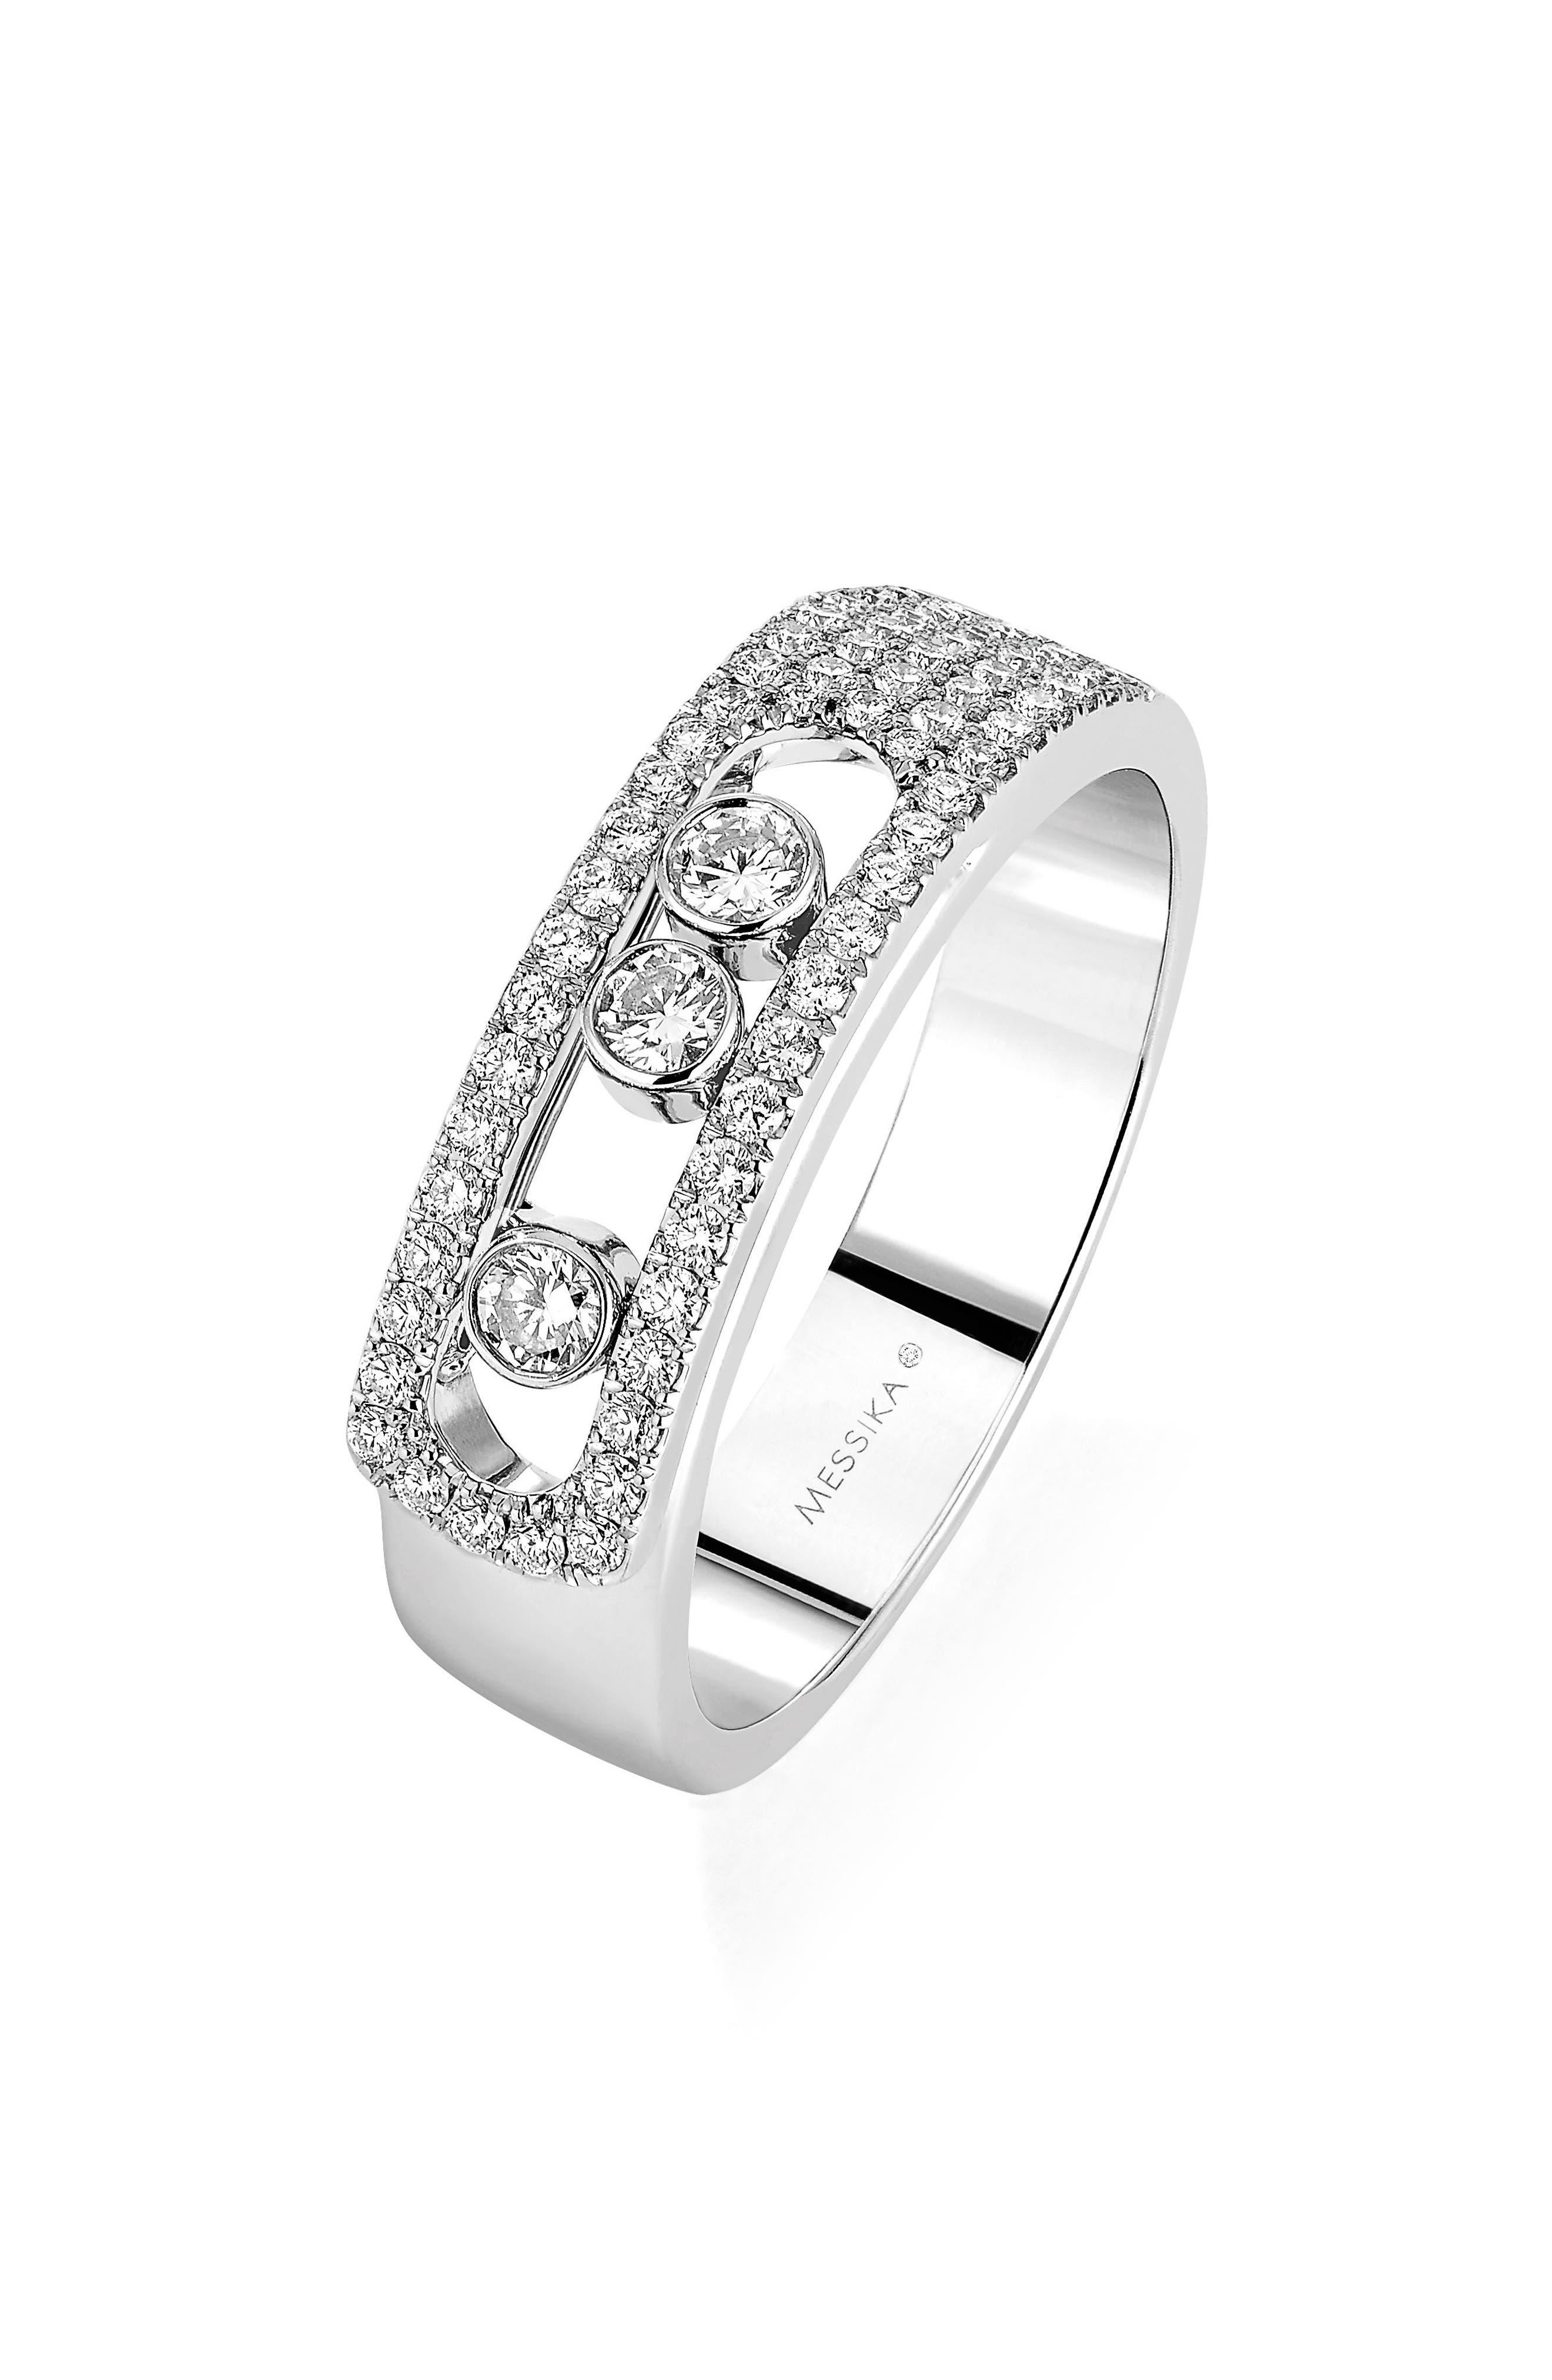 Move Noa Diamond Ring,                         Main,                         color, White Gold